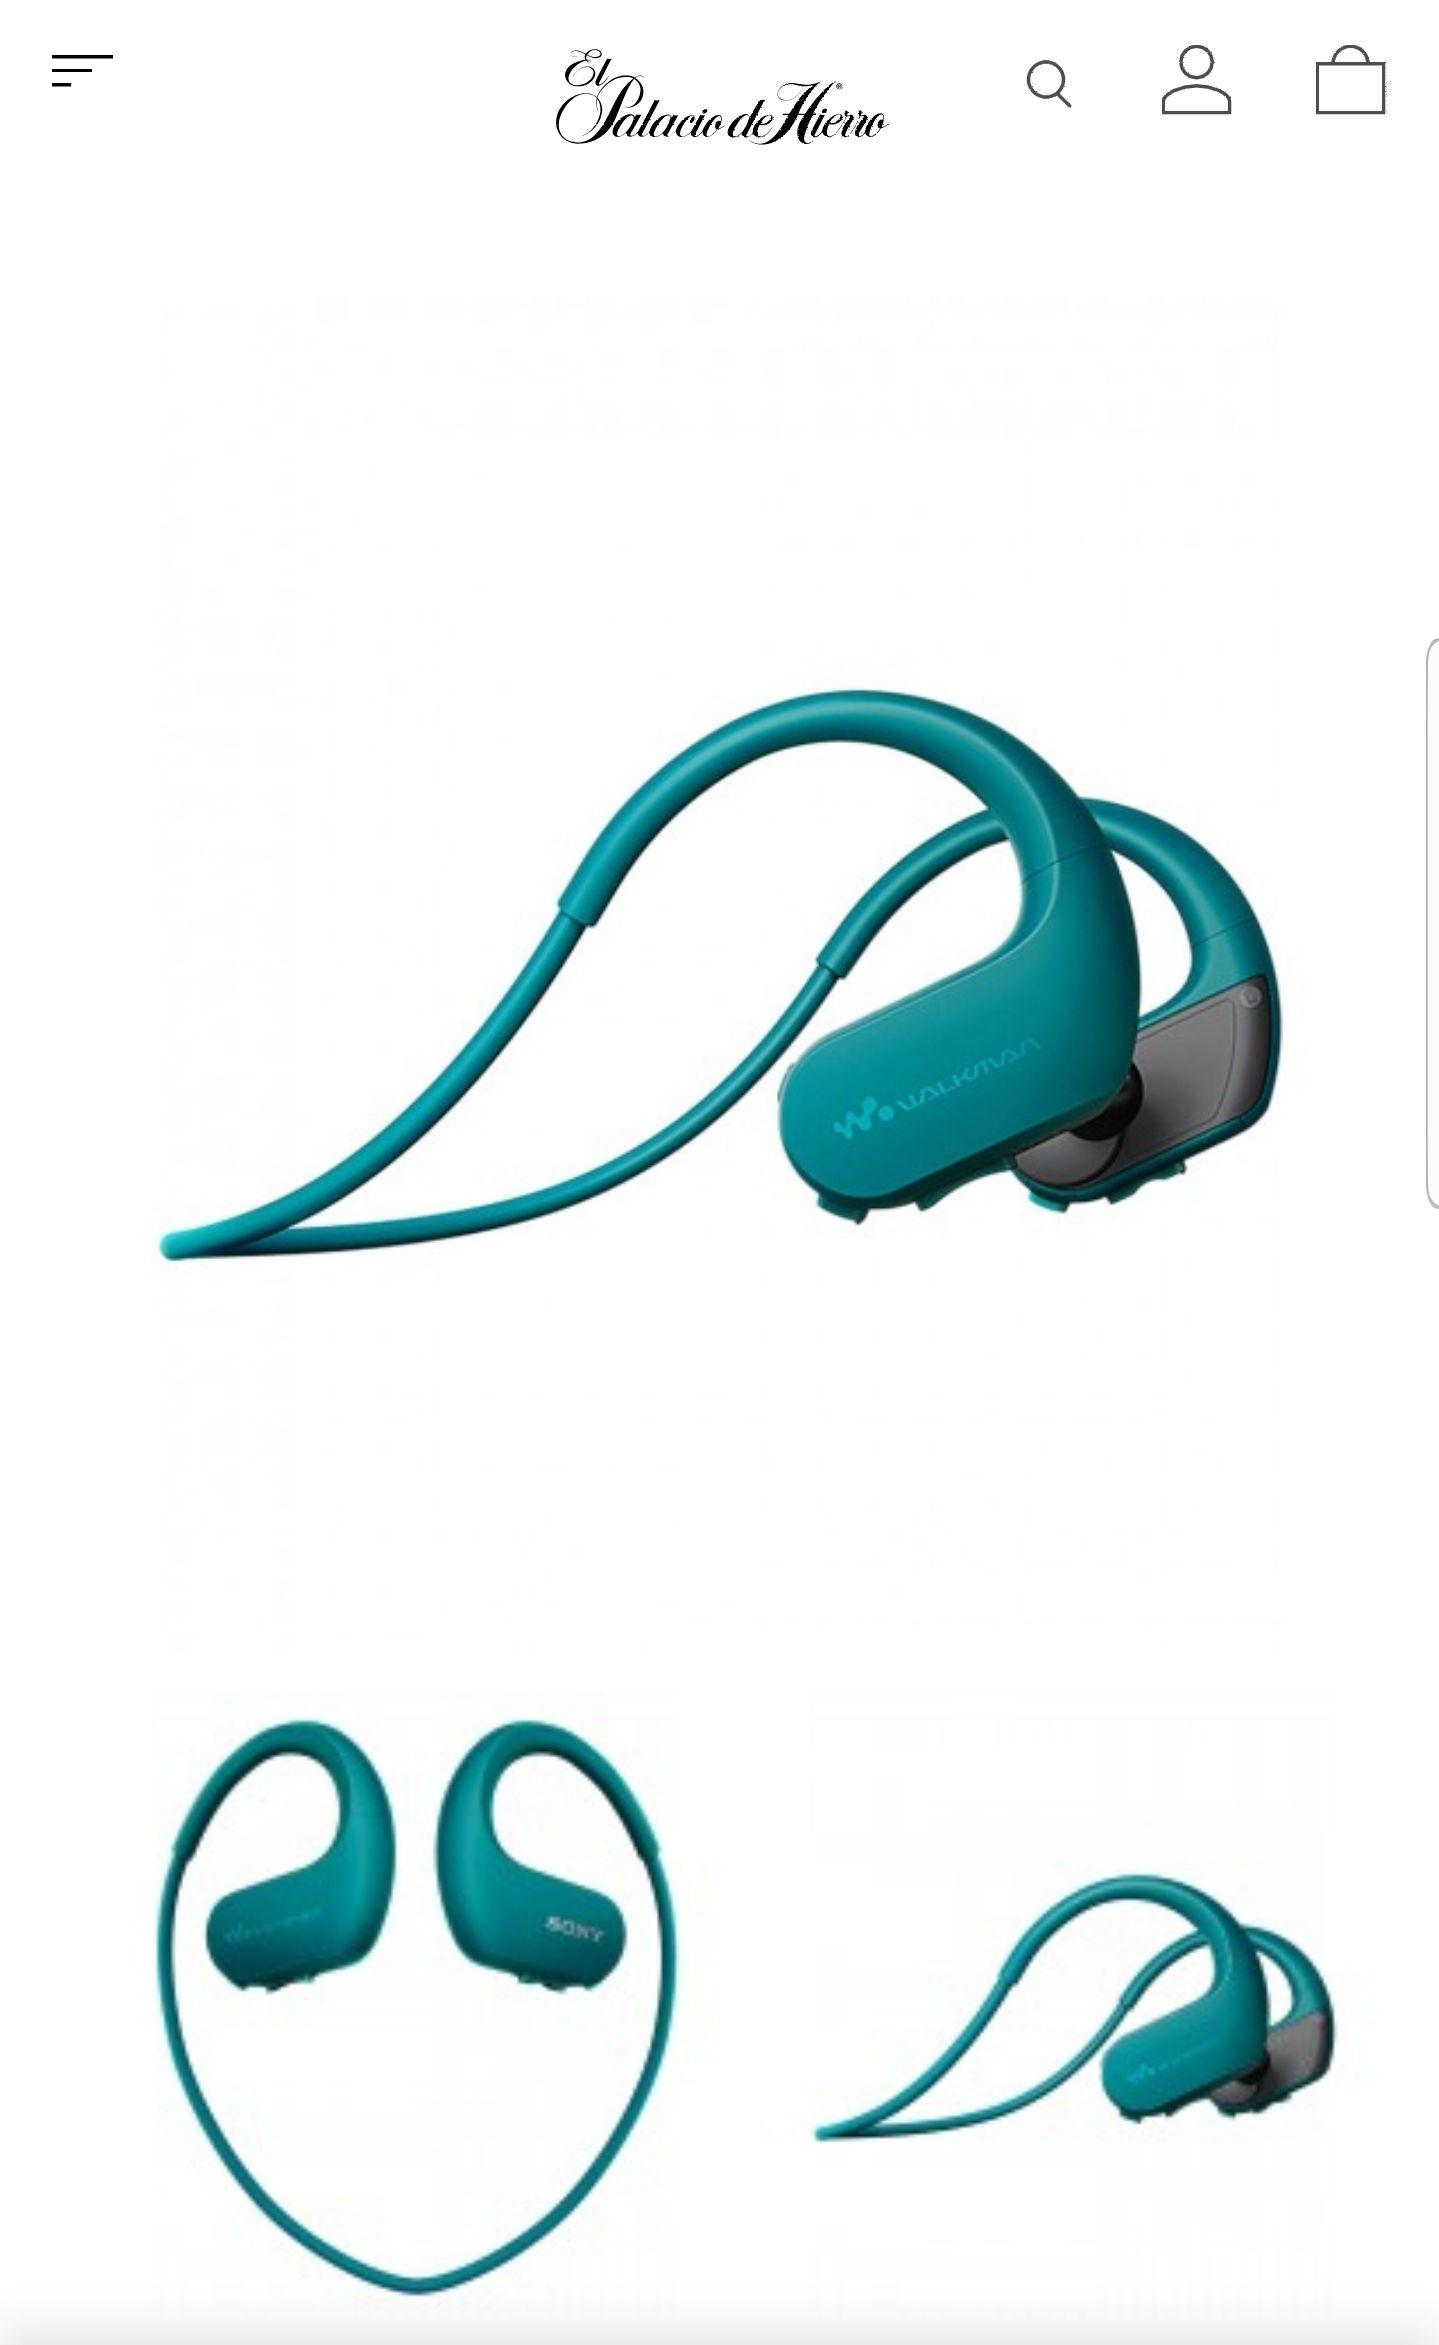 Palacio de Hierro: Sony Walkman NW-WS413 Azul